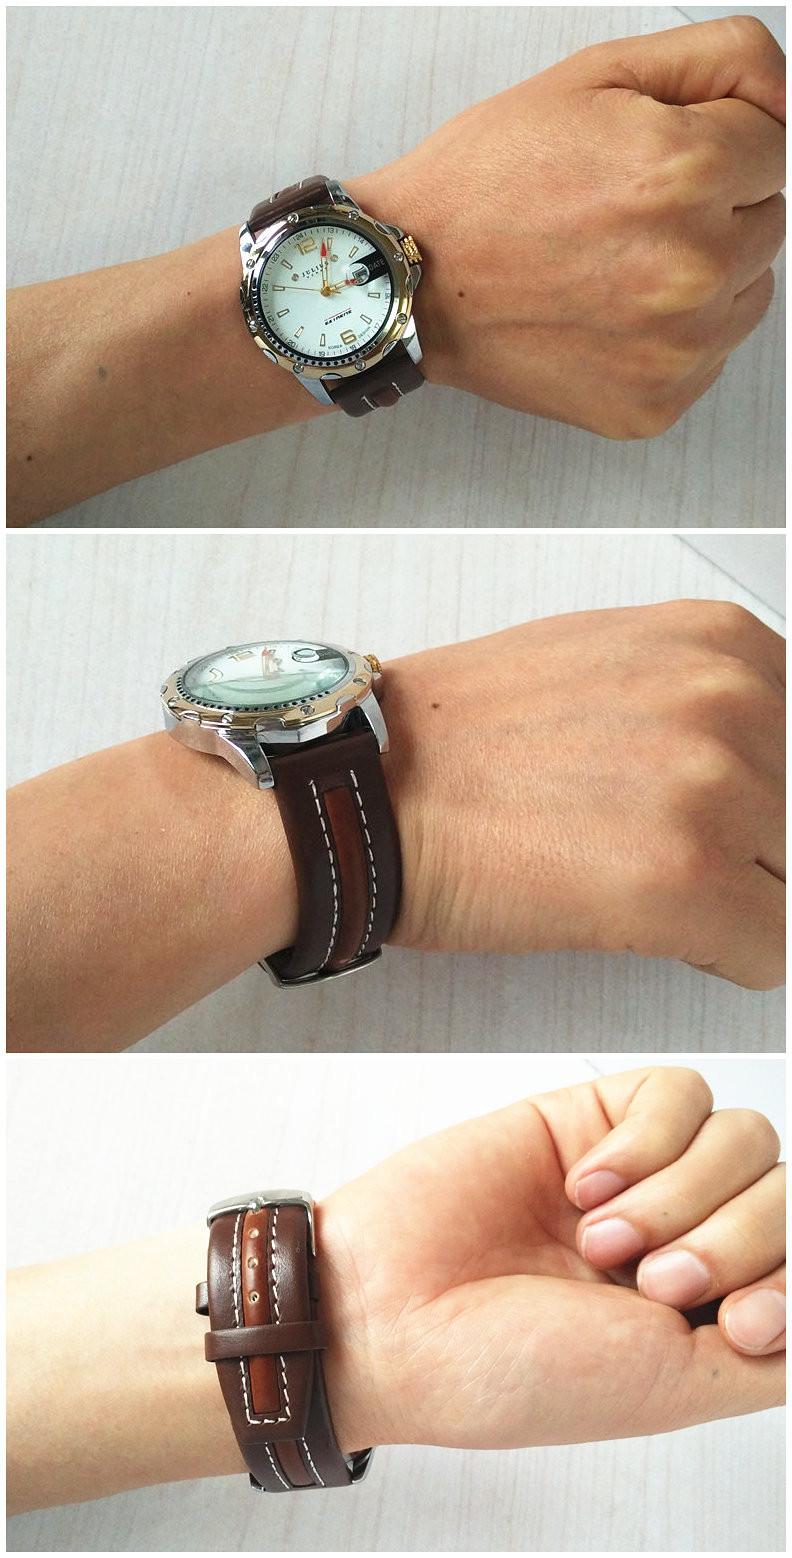 Человек мужская Homme наручные часы кварцевых часов лучший мода платье браслет группа кожа спортивные часы ретро мальчик подарок на день рождения 007